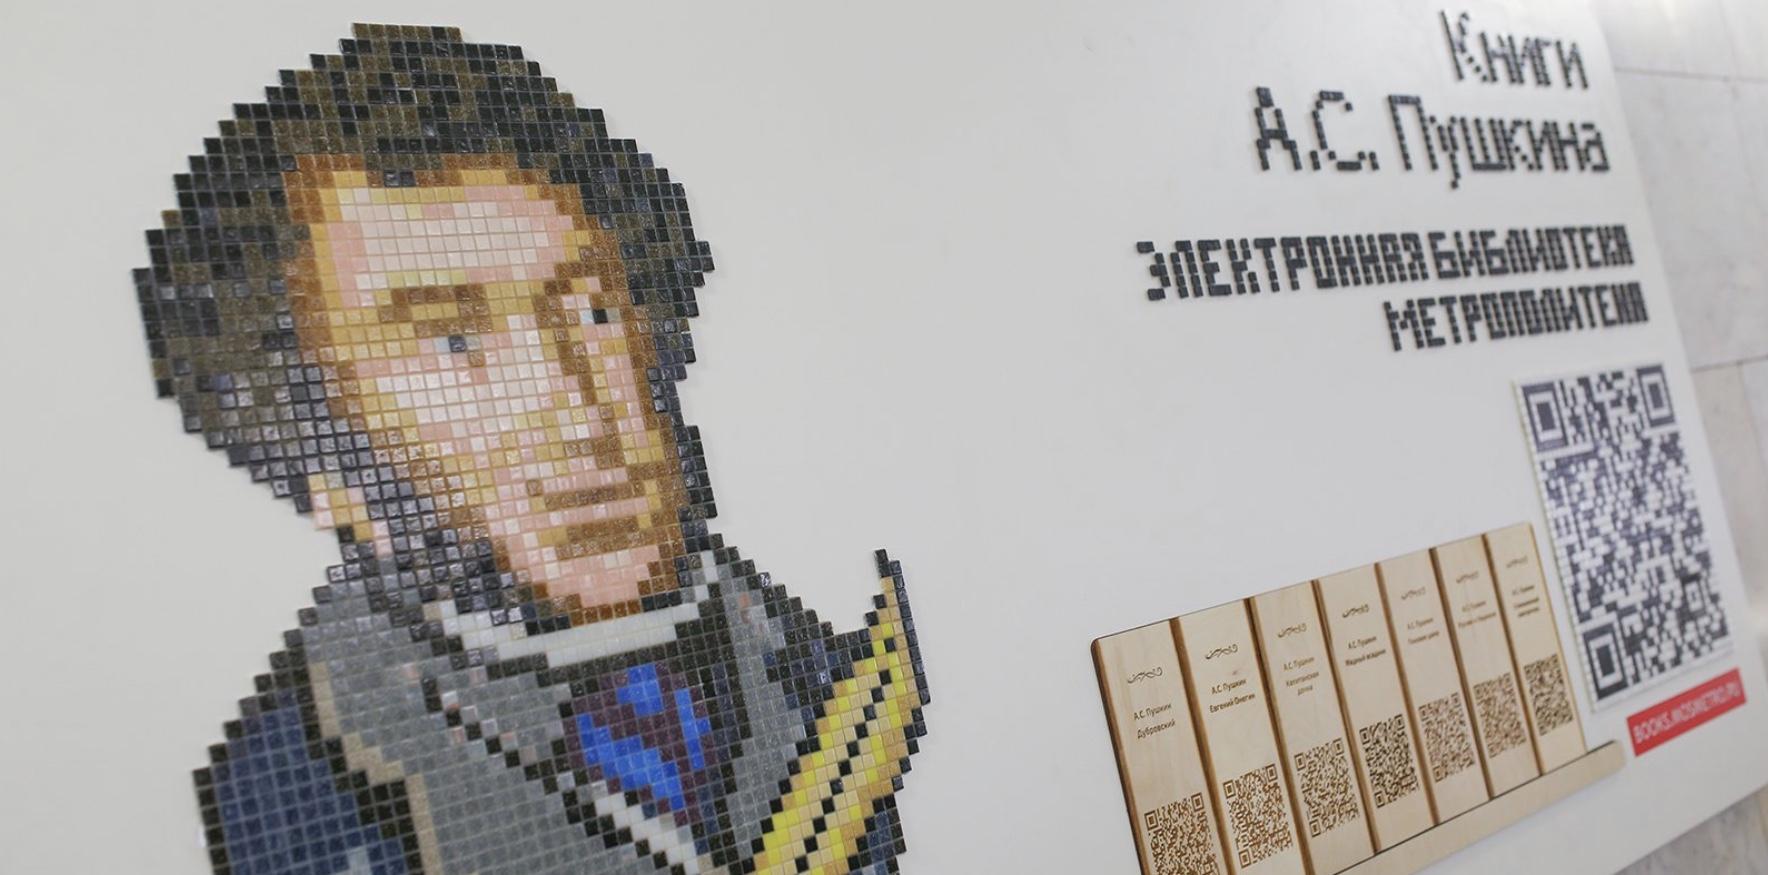 «Пиксельный» Пушкин «рекламирует» библиотеку Московского метрополитена. Фото с сайта mos.ru